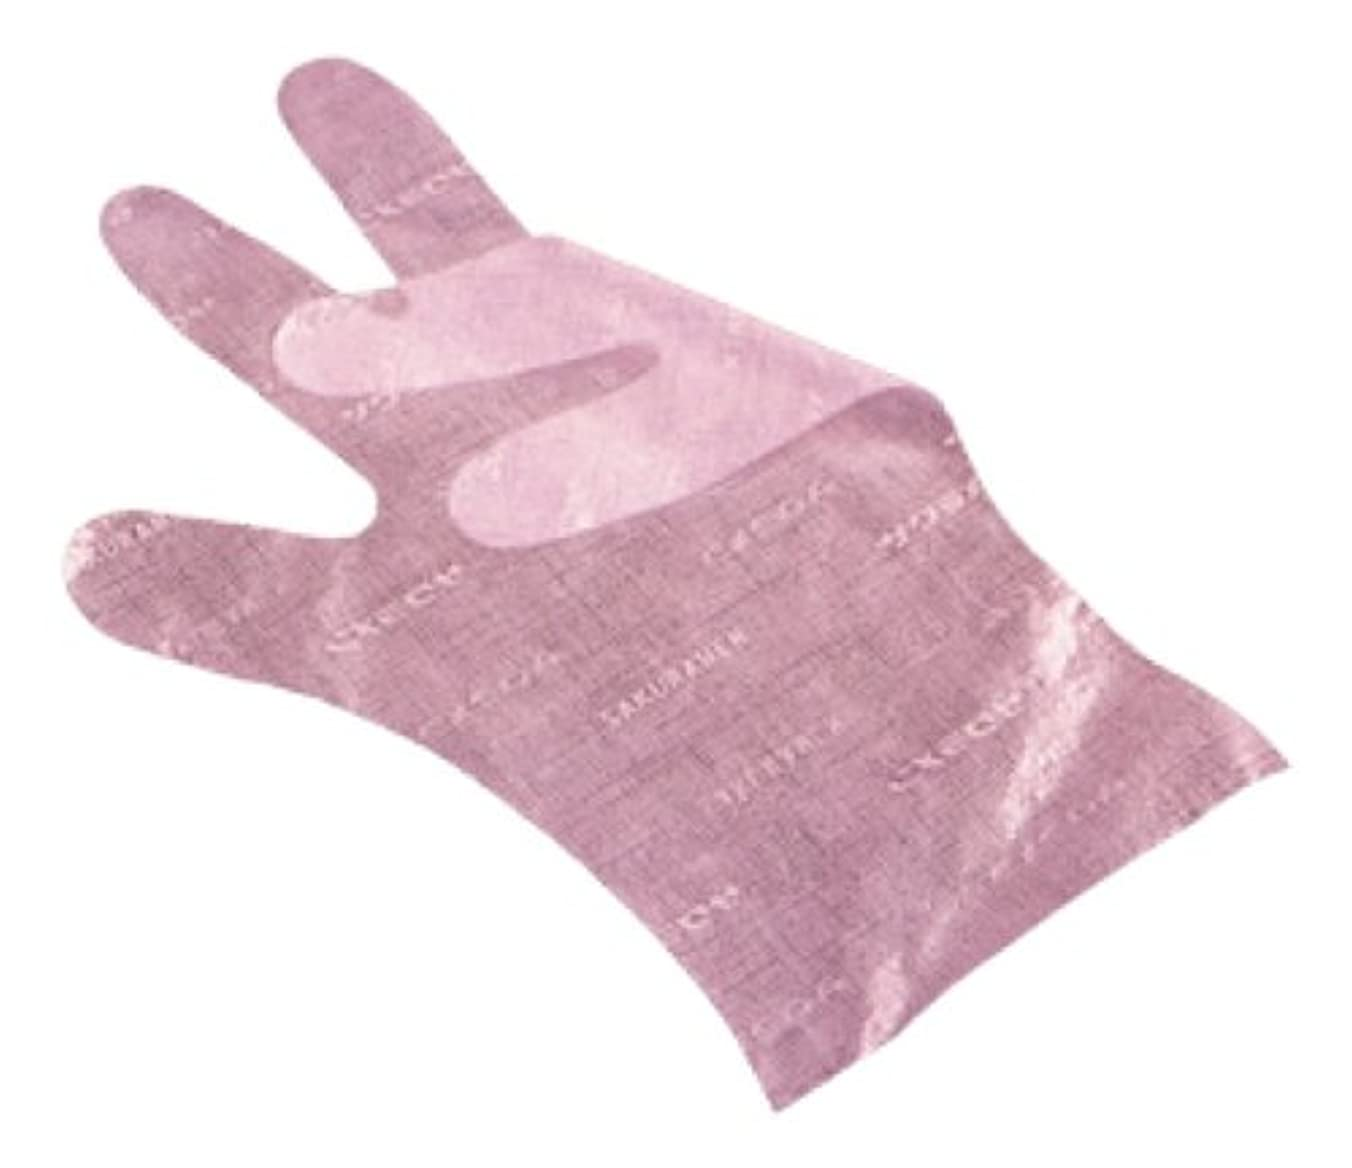 右ストレスバルブサクラメン手袋 デラックス(100枚入)M ピンク 35μ